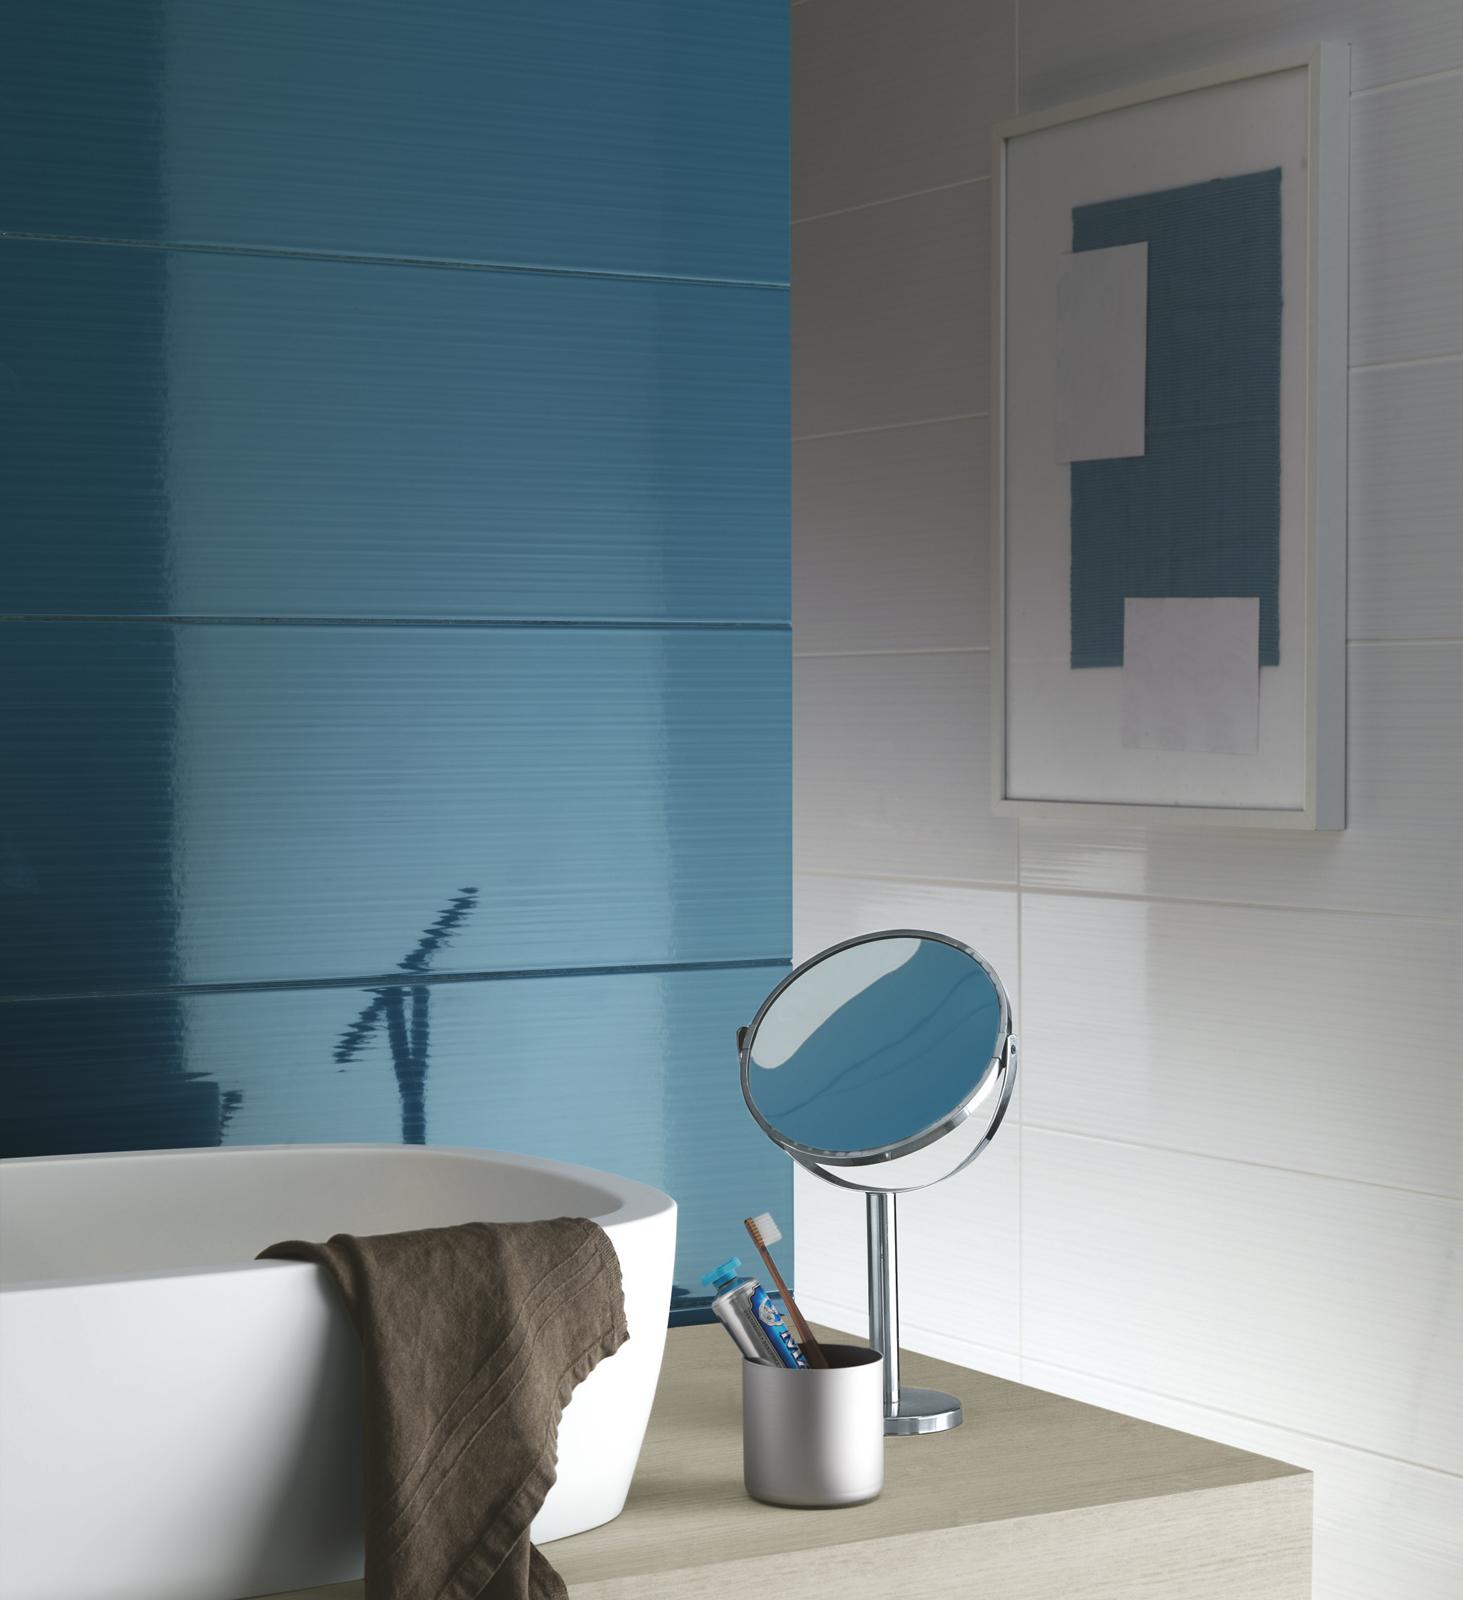 Colecci n smart azulejos de colores para el ba o ragno - Azulejos para el bano ...